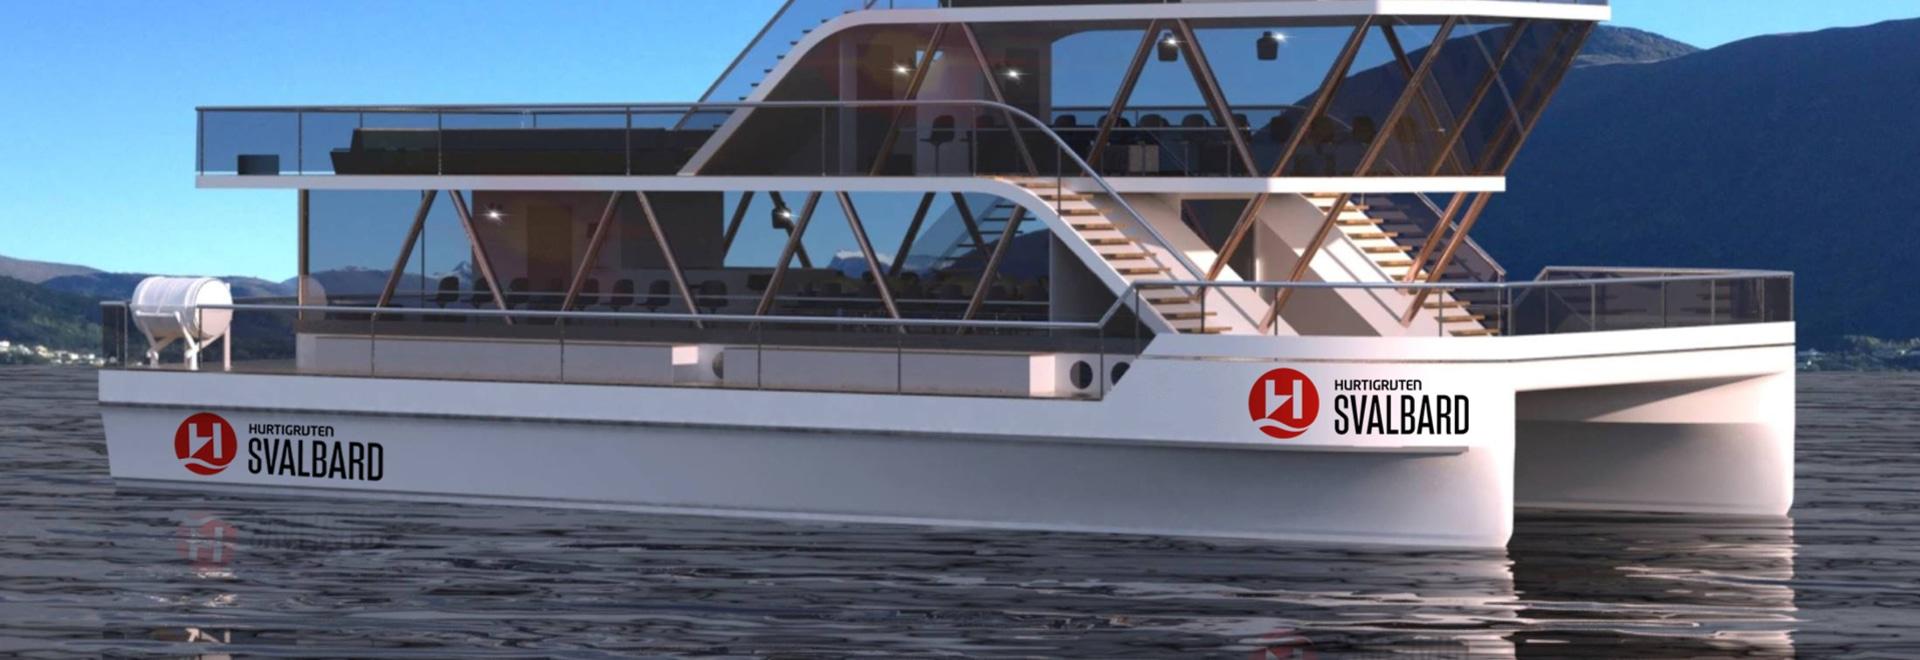 Hurtigruten baut vollelektrische Explorer-Katamarane